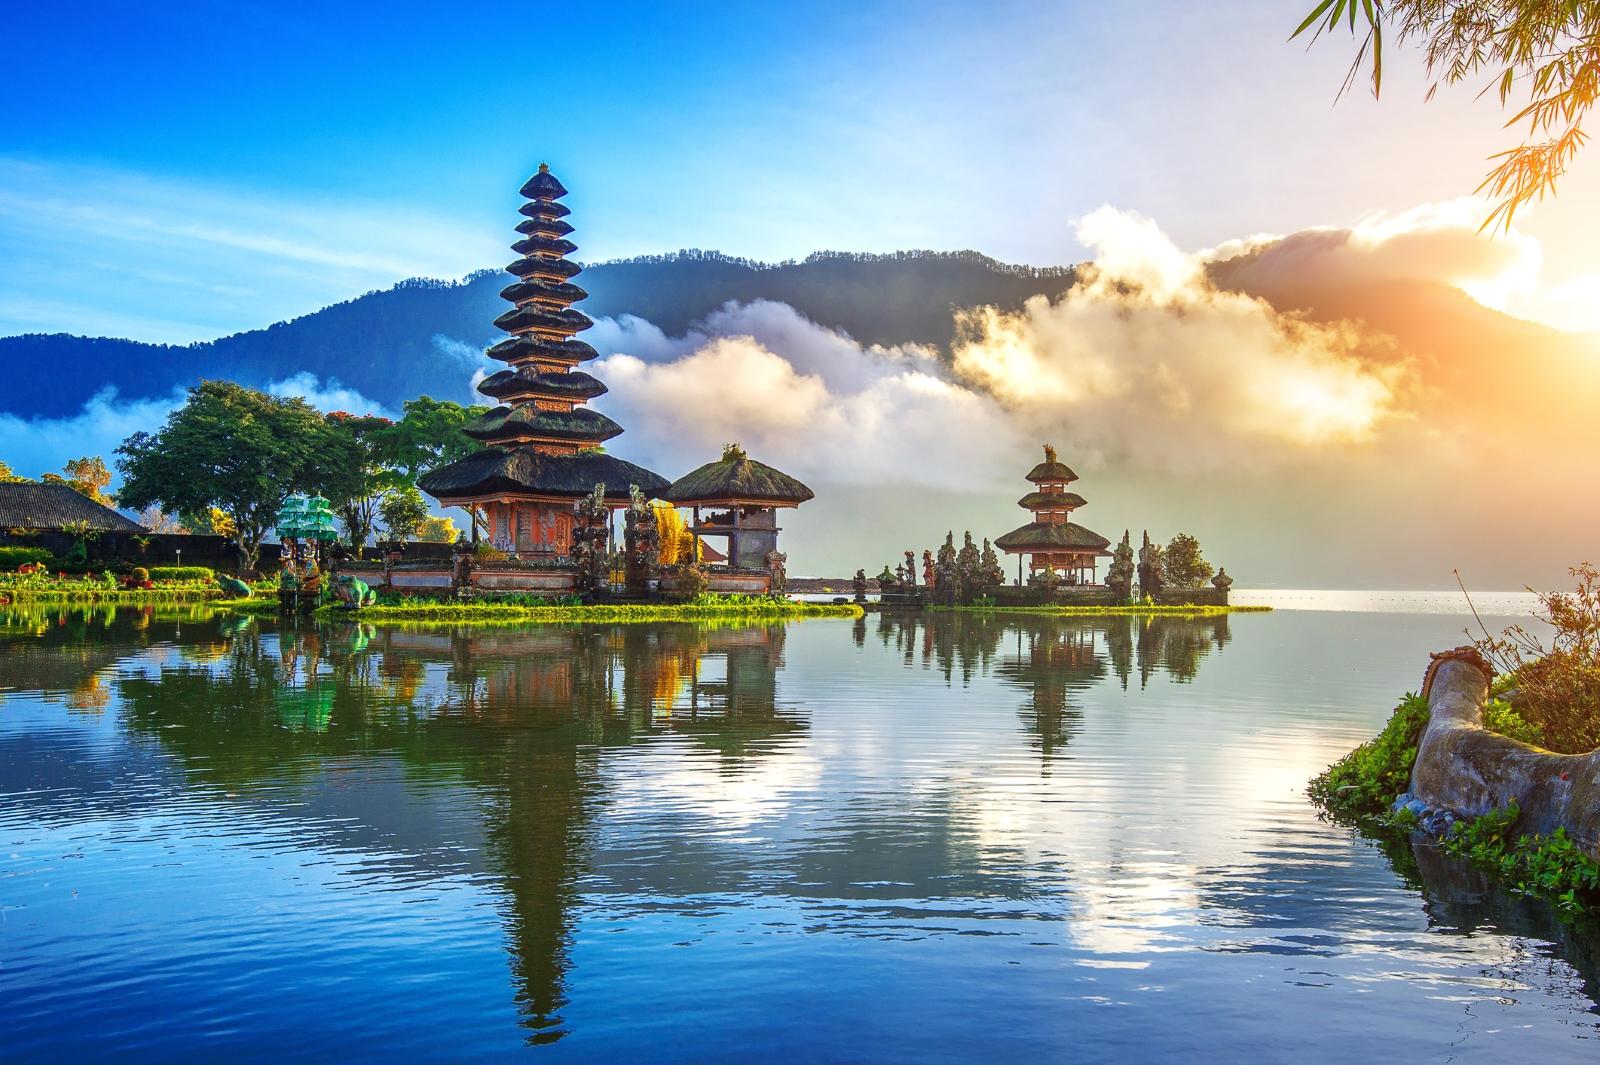 Бали, Индонезия. Дестинацията става все по-популпрна сред българските туристи. Климатът там в момента? През нощта температурите падат до 24 градуса, а през деня са около 30.